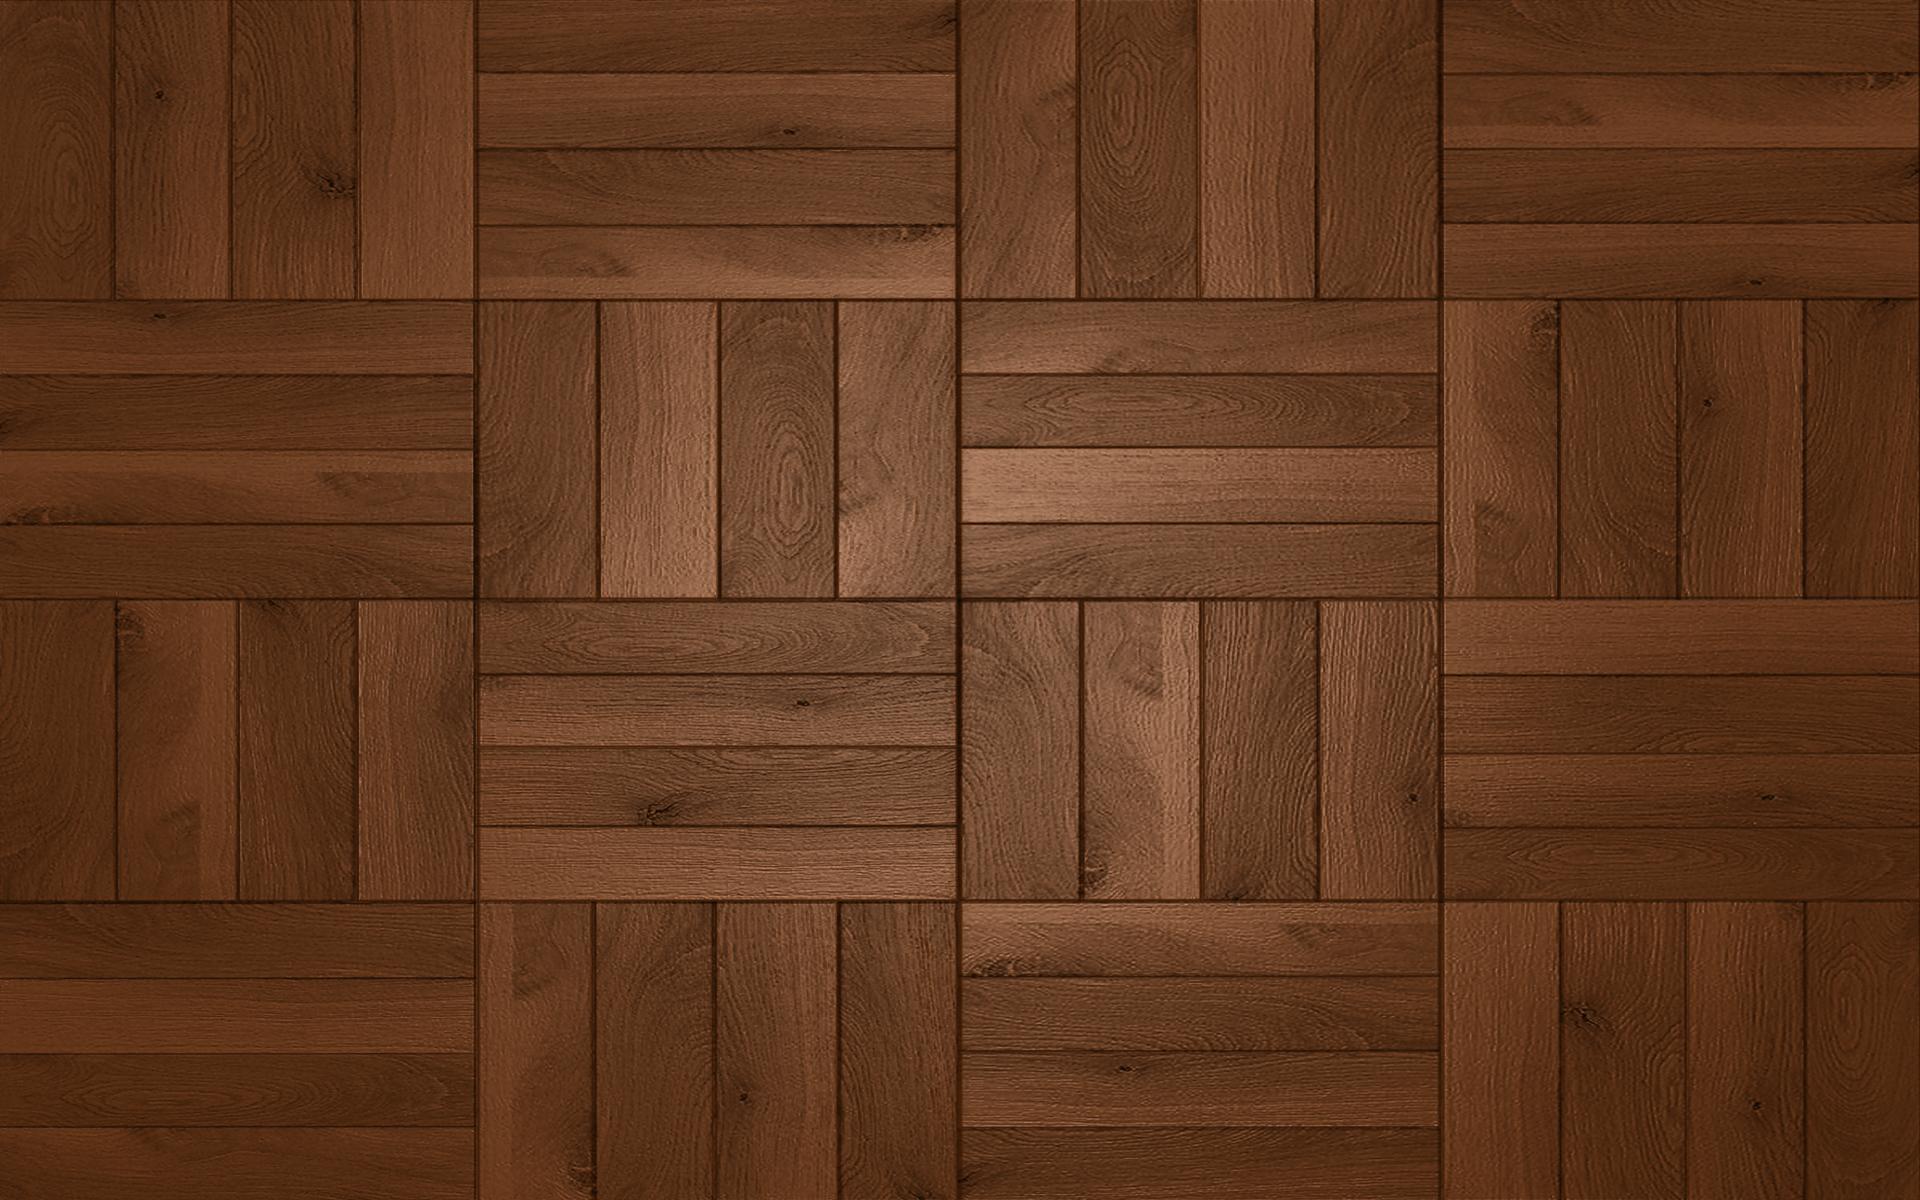 floor wallpaper wood looking wallpaper for house wallpaper on floor